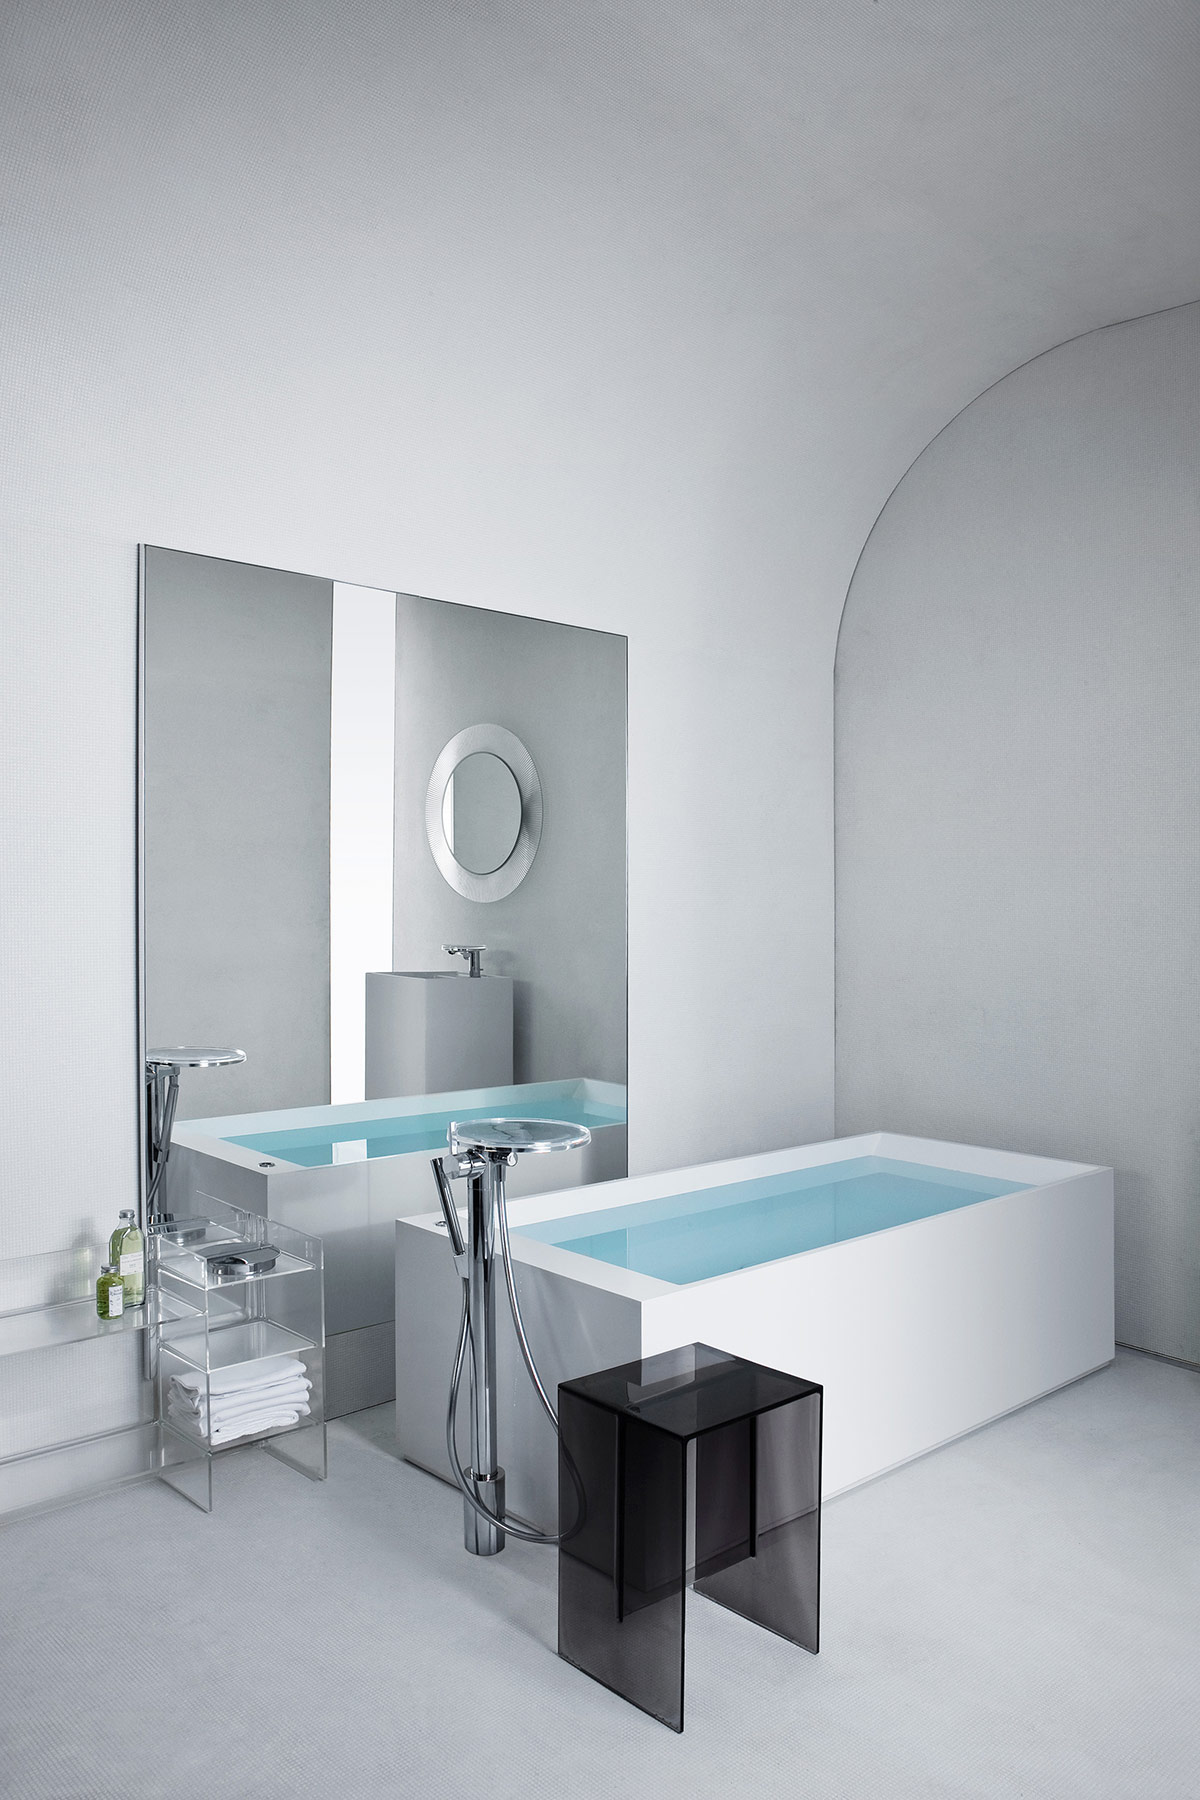 Transitional Kartell Freestanding Bathtub